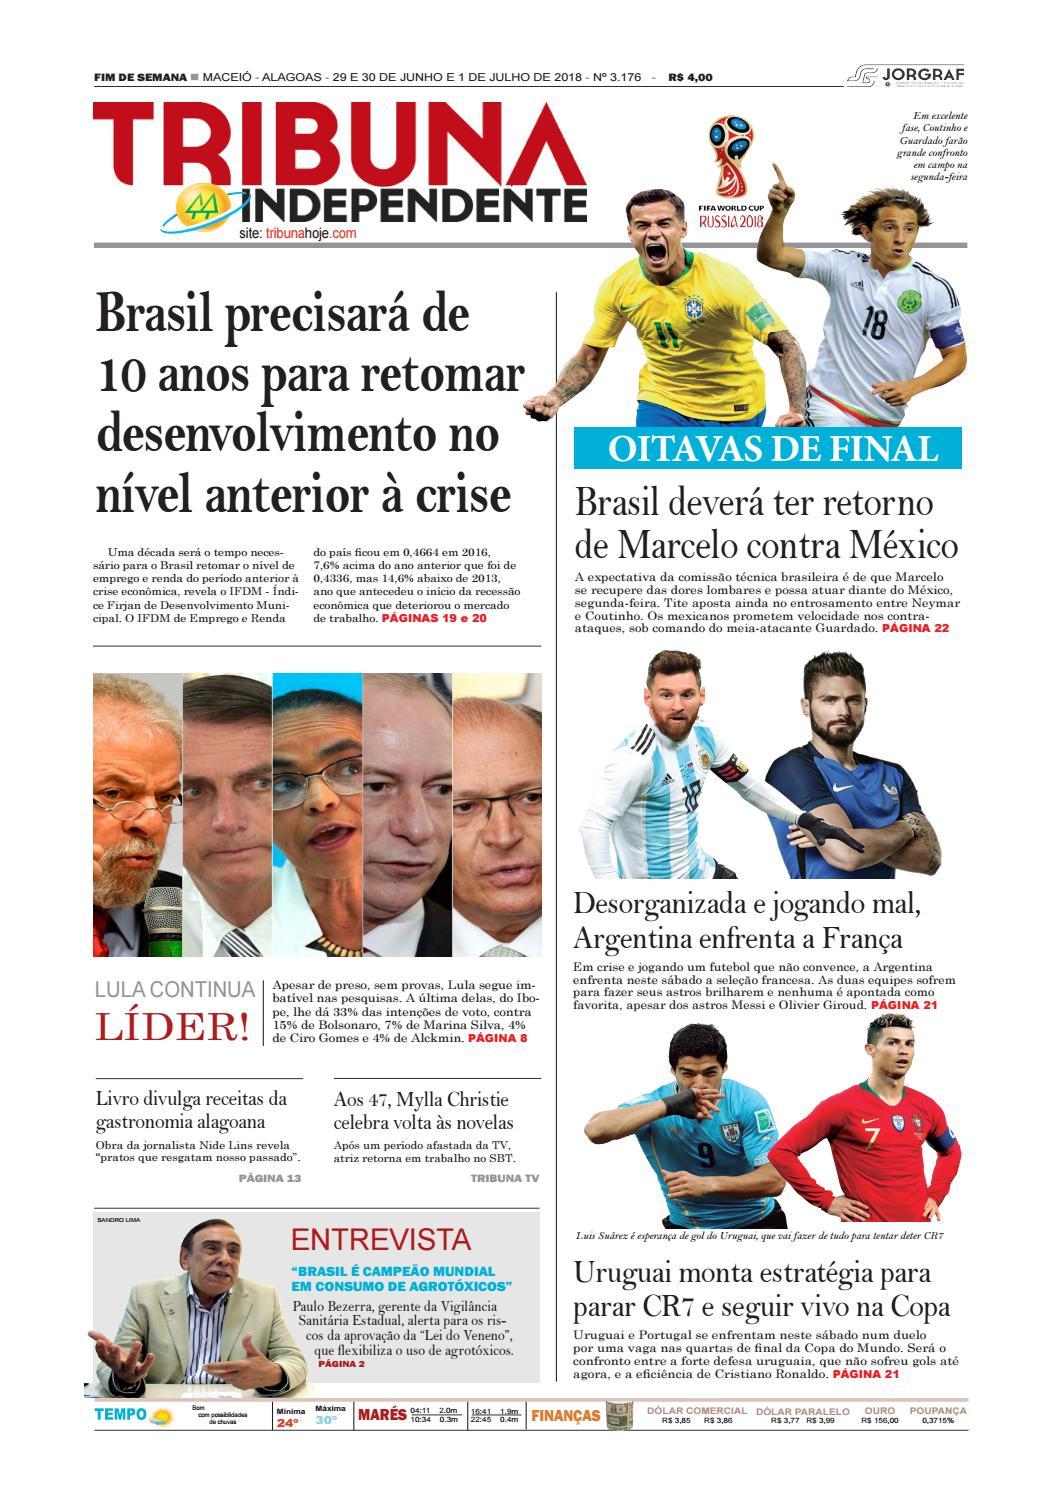 20722eb96b25b Edição número 3176 - 29 e 30 de junho de 2018 by Tribuna Hoje - issuu